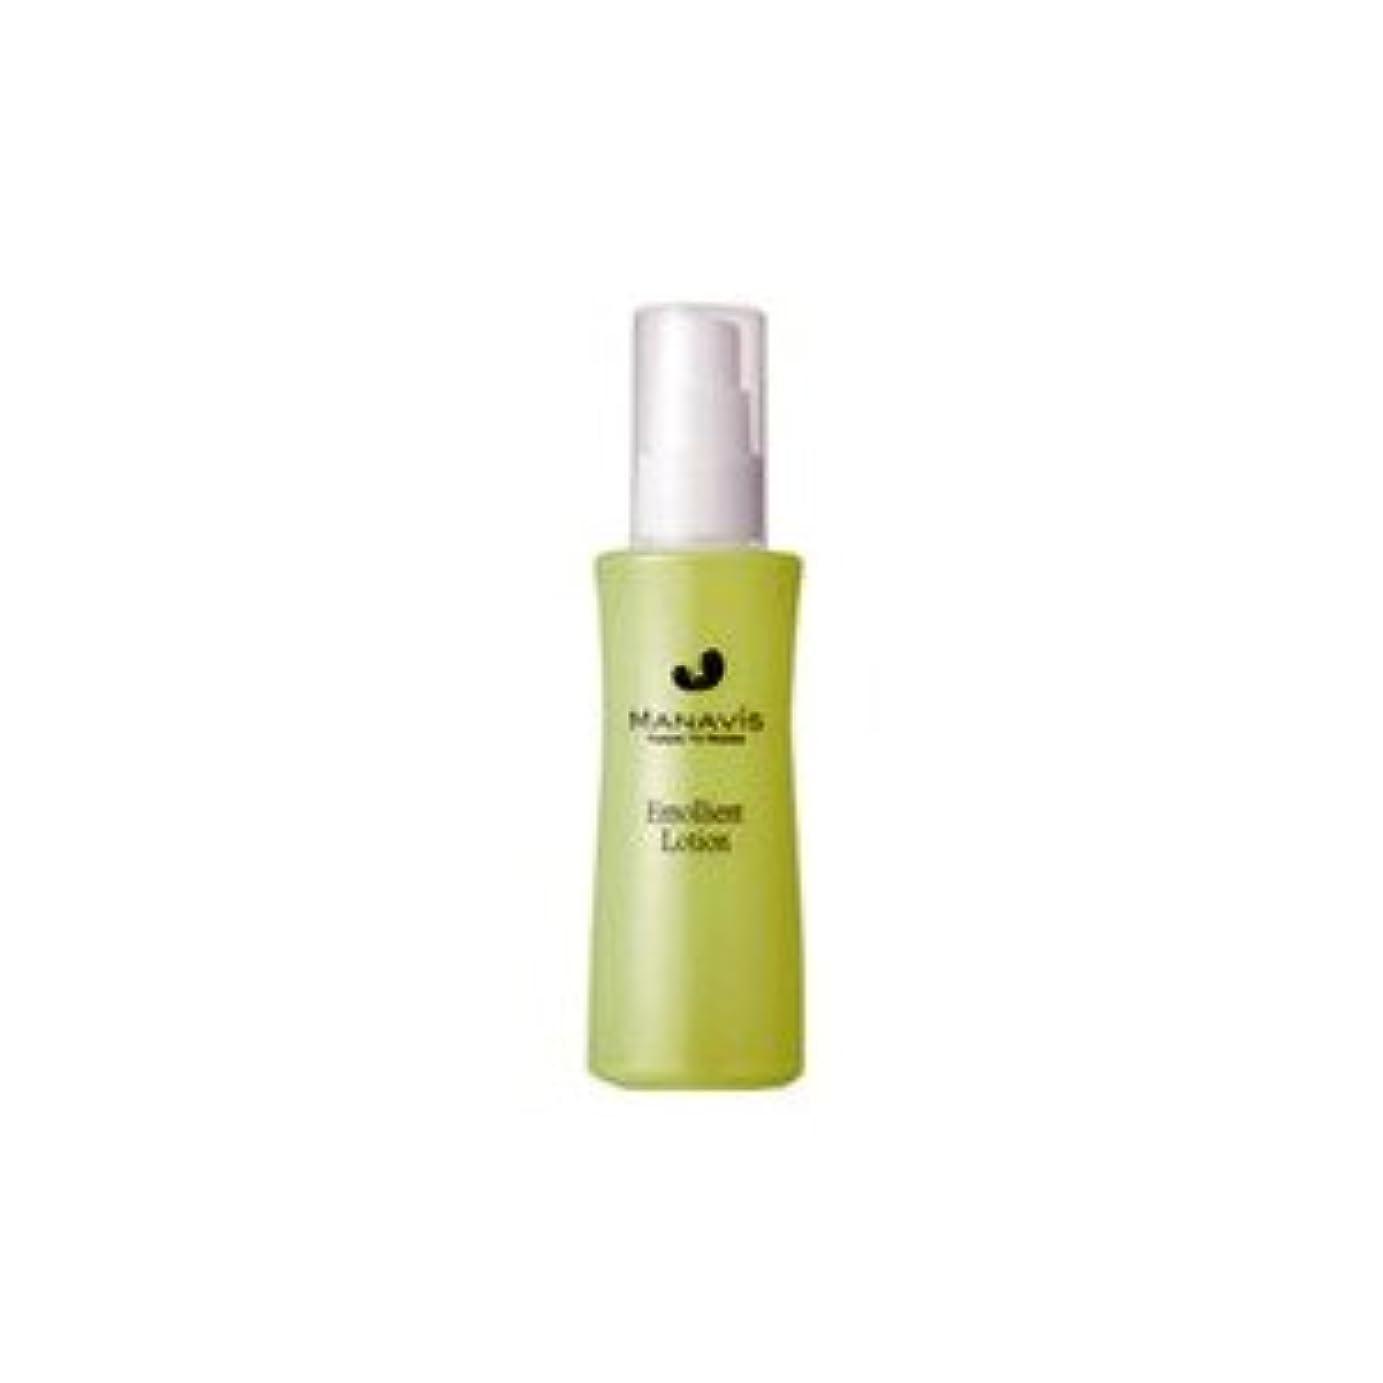 加入やるスクレーパーMANAVIS マナビス化粧品 薬用 エモリエントローション EX  化粧水